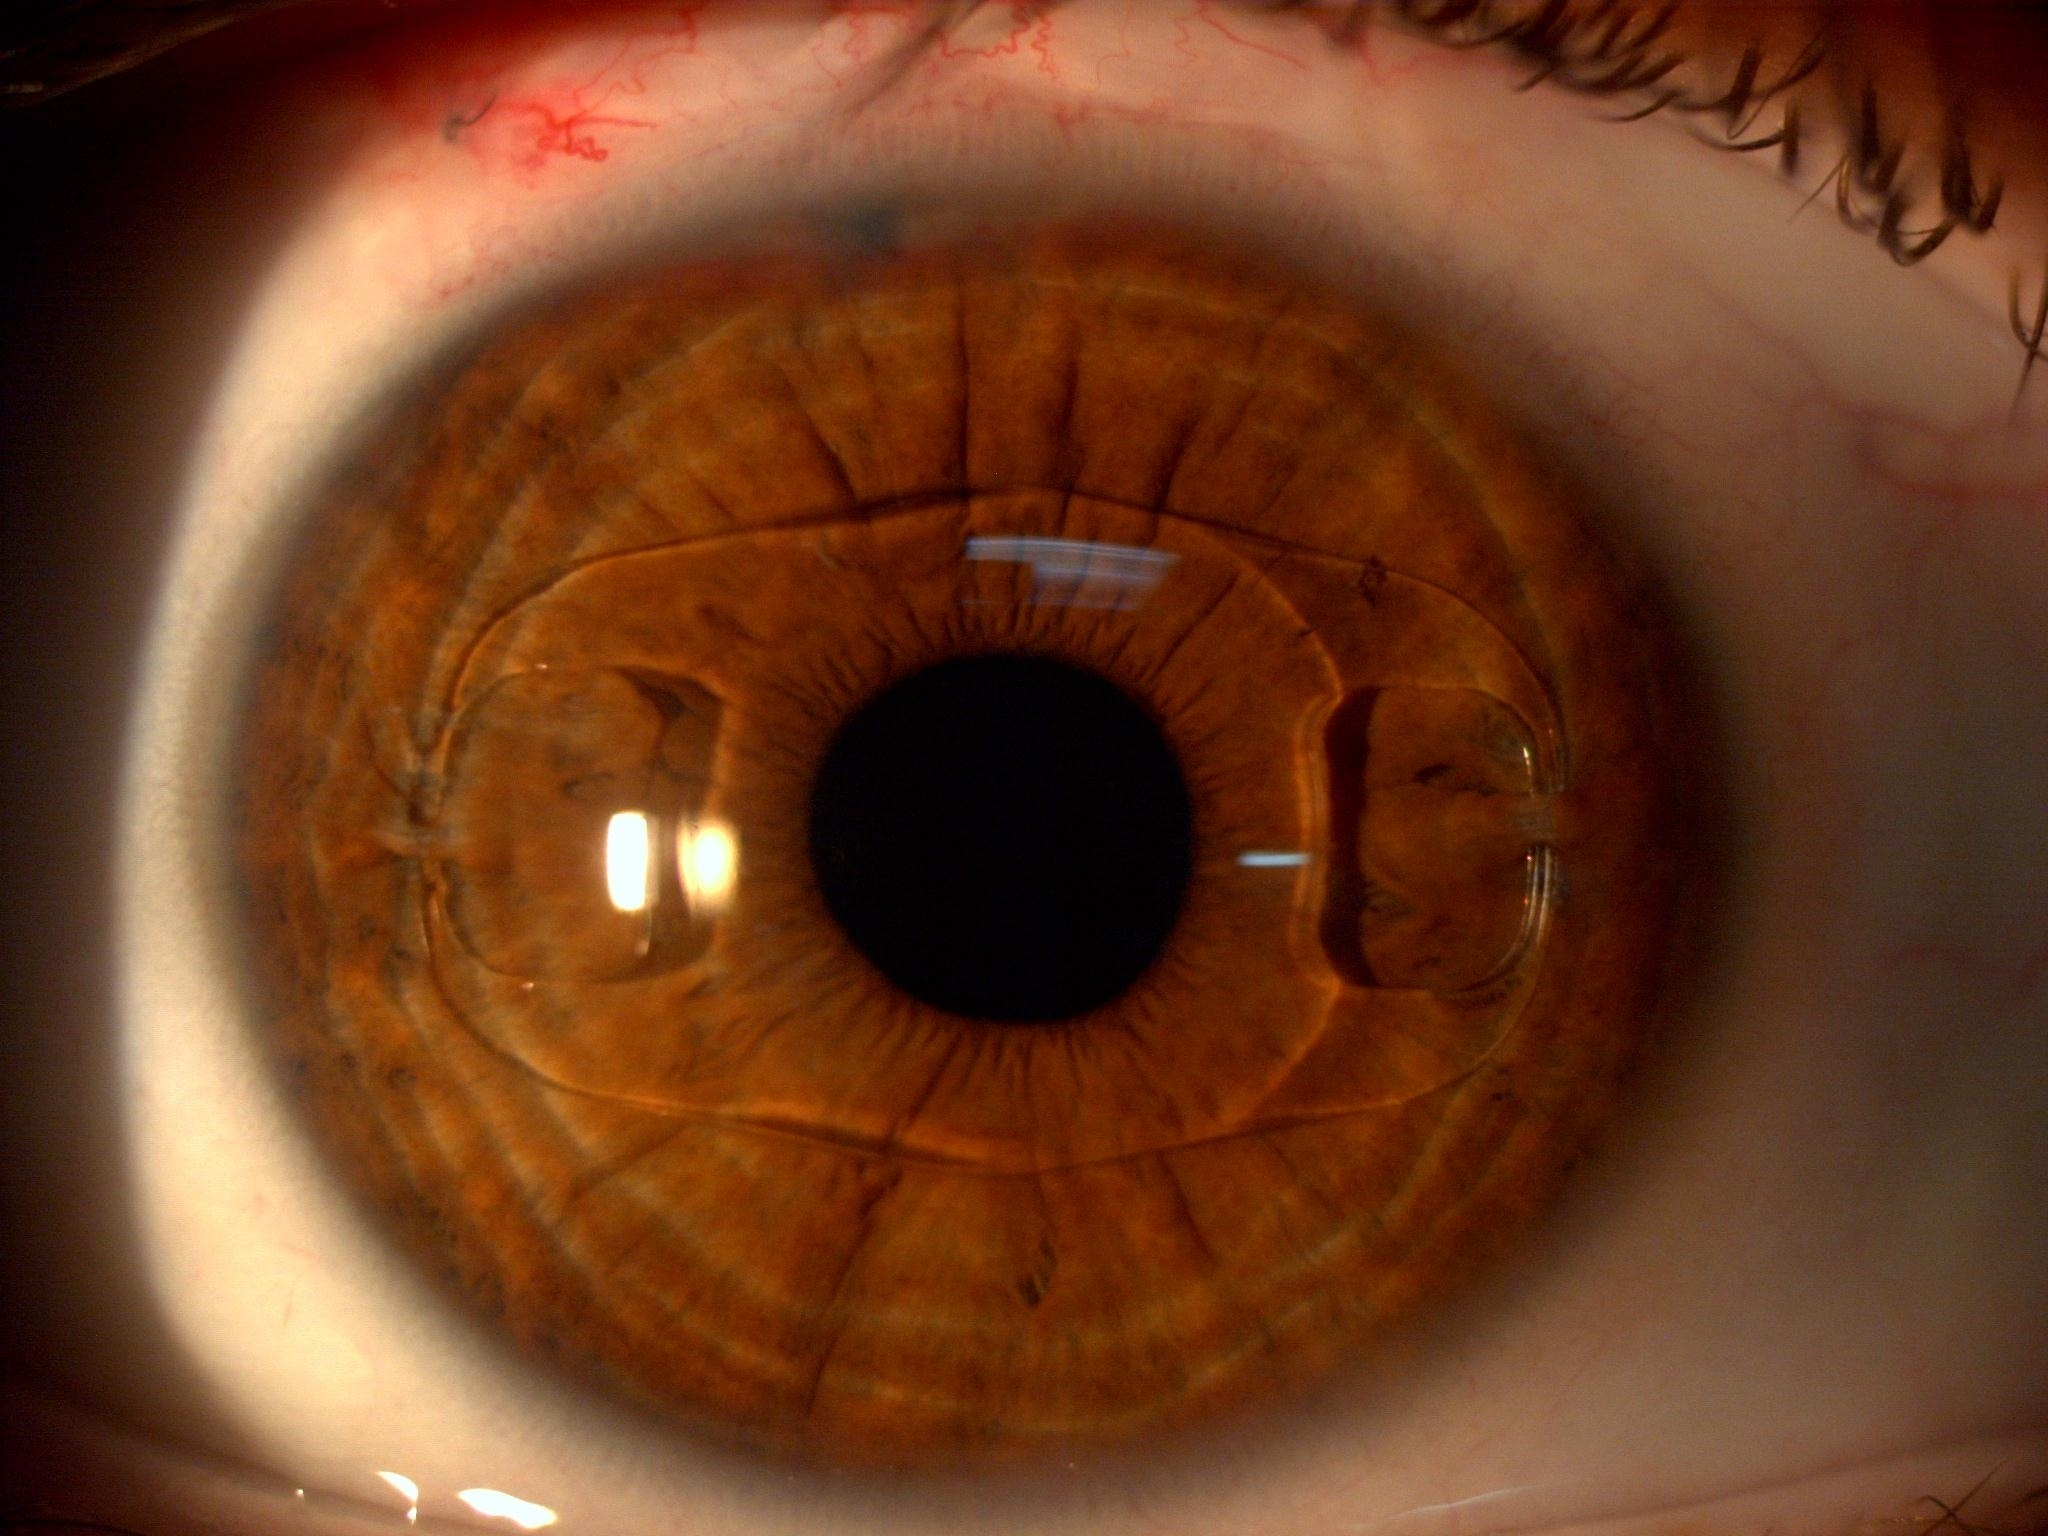 Что такое артифакия глаза, когда применяется oculistic.ru что такое артифакия глаза, когда применяется